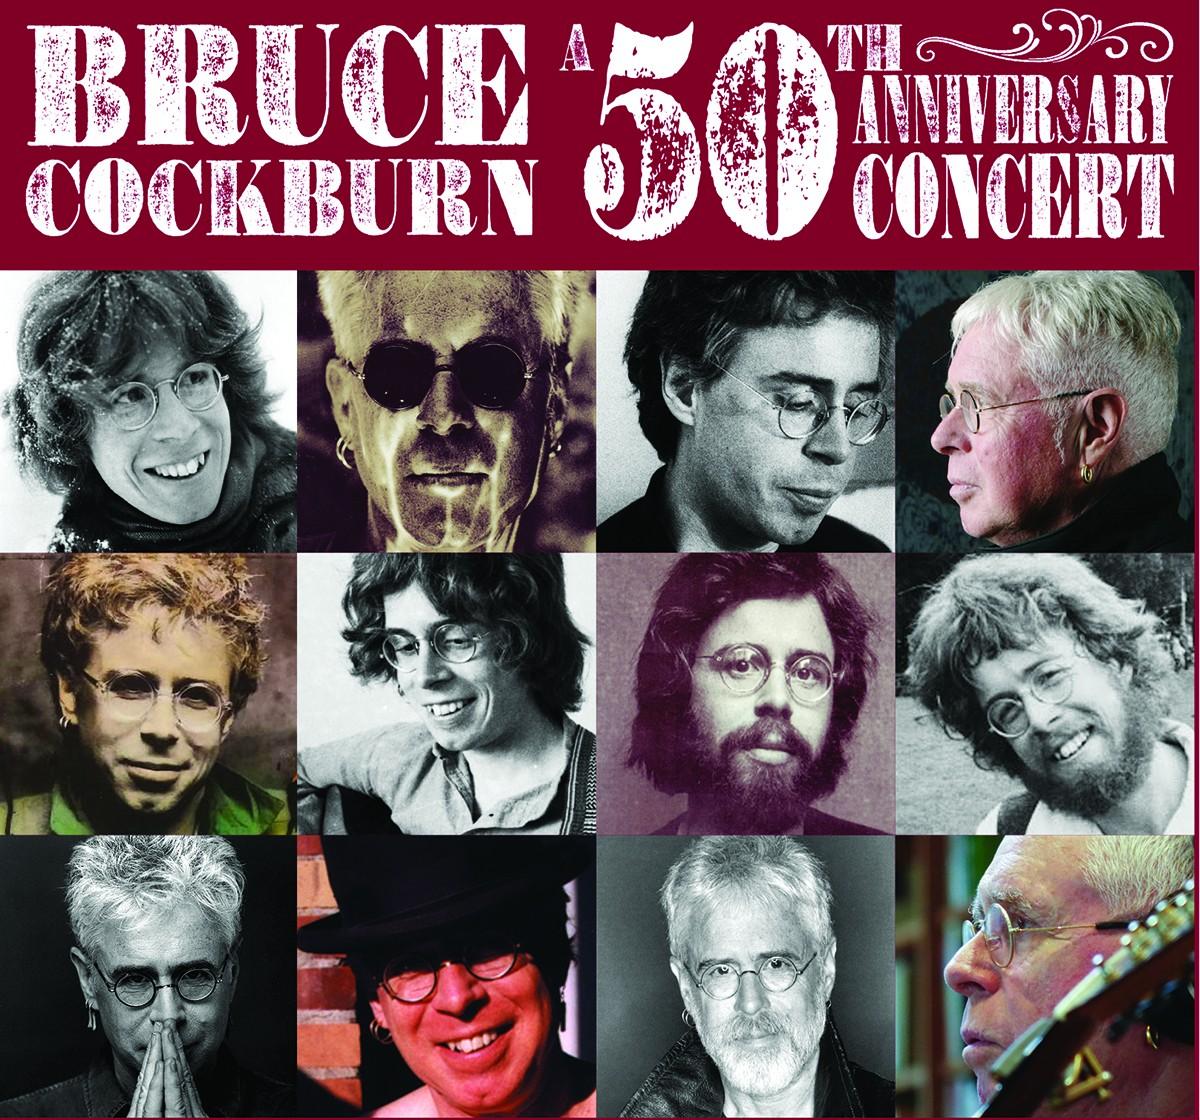 Bruce Cockburn Announces 50th Anniversary Shows